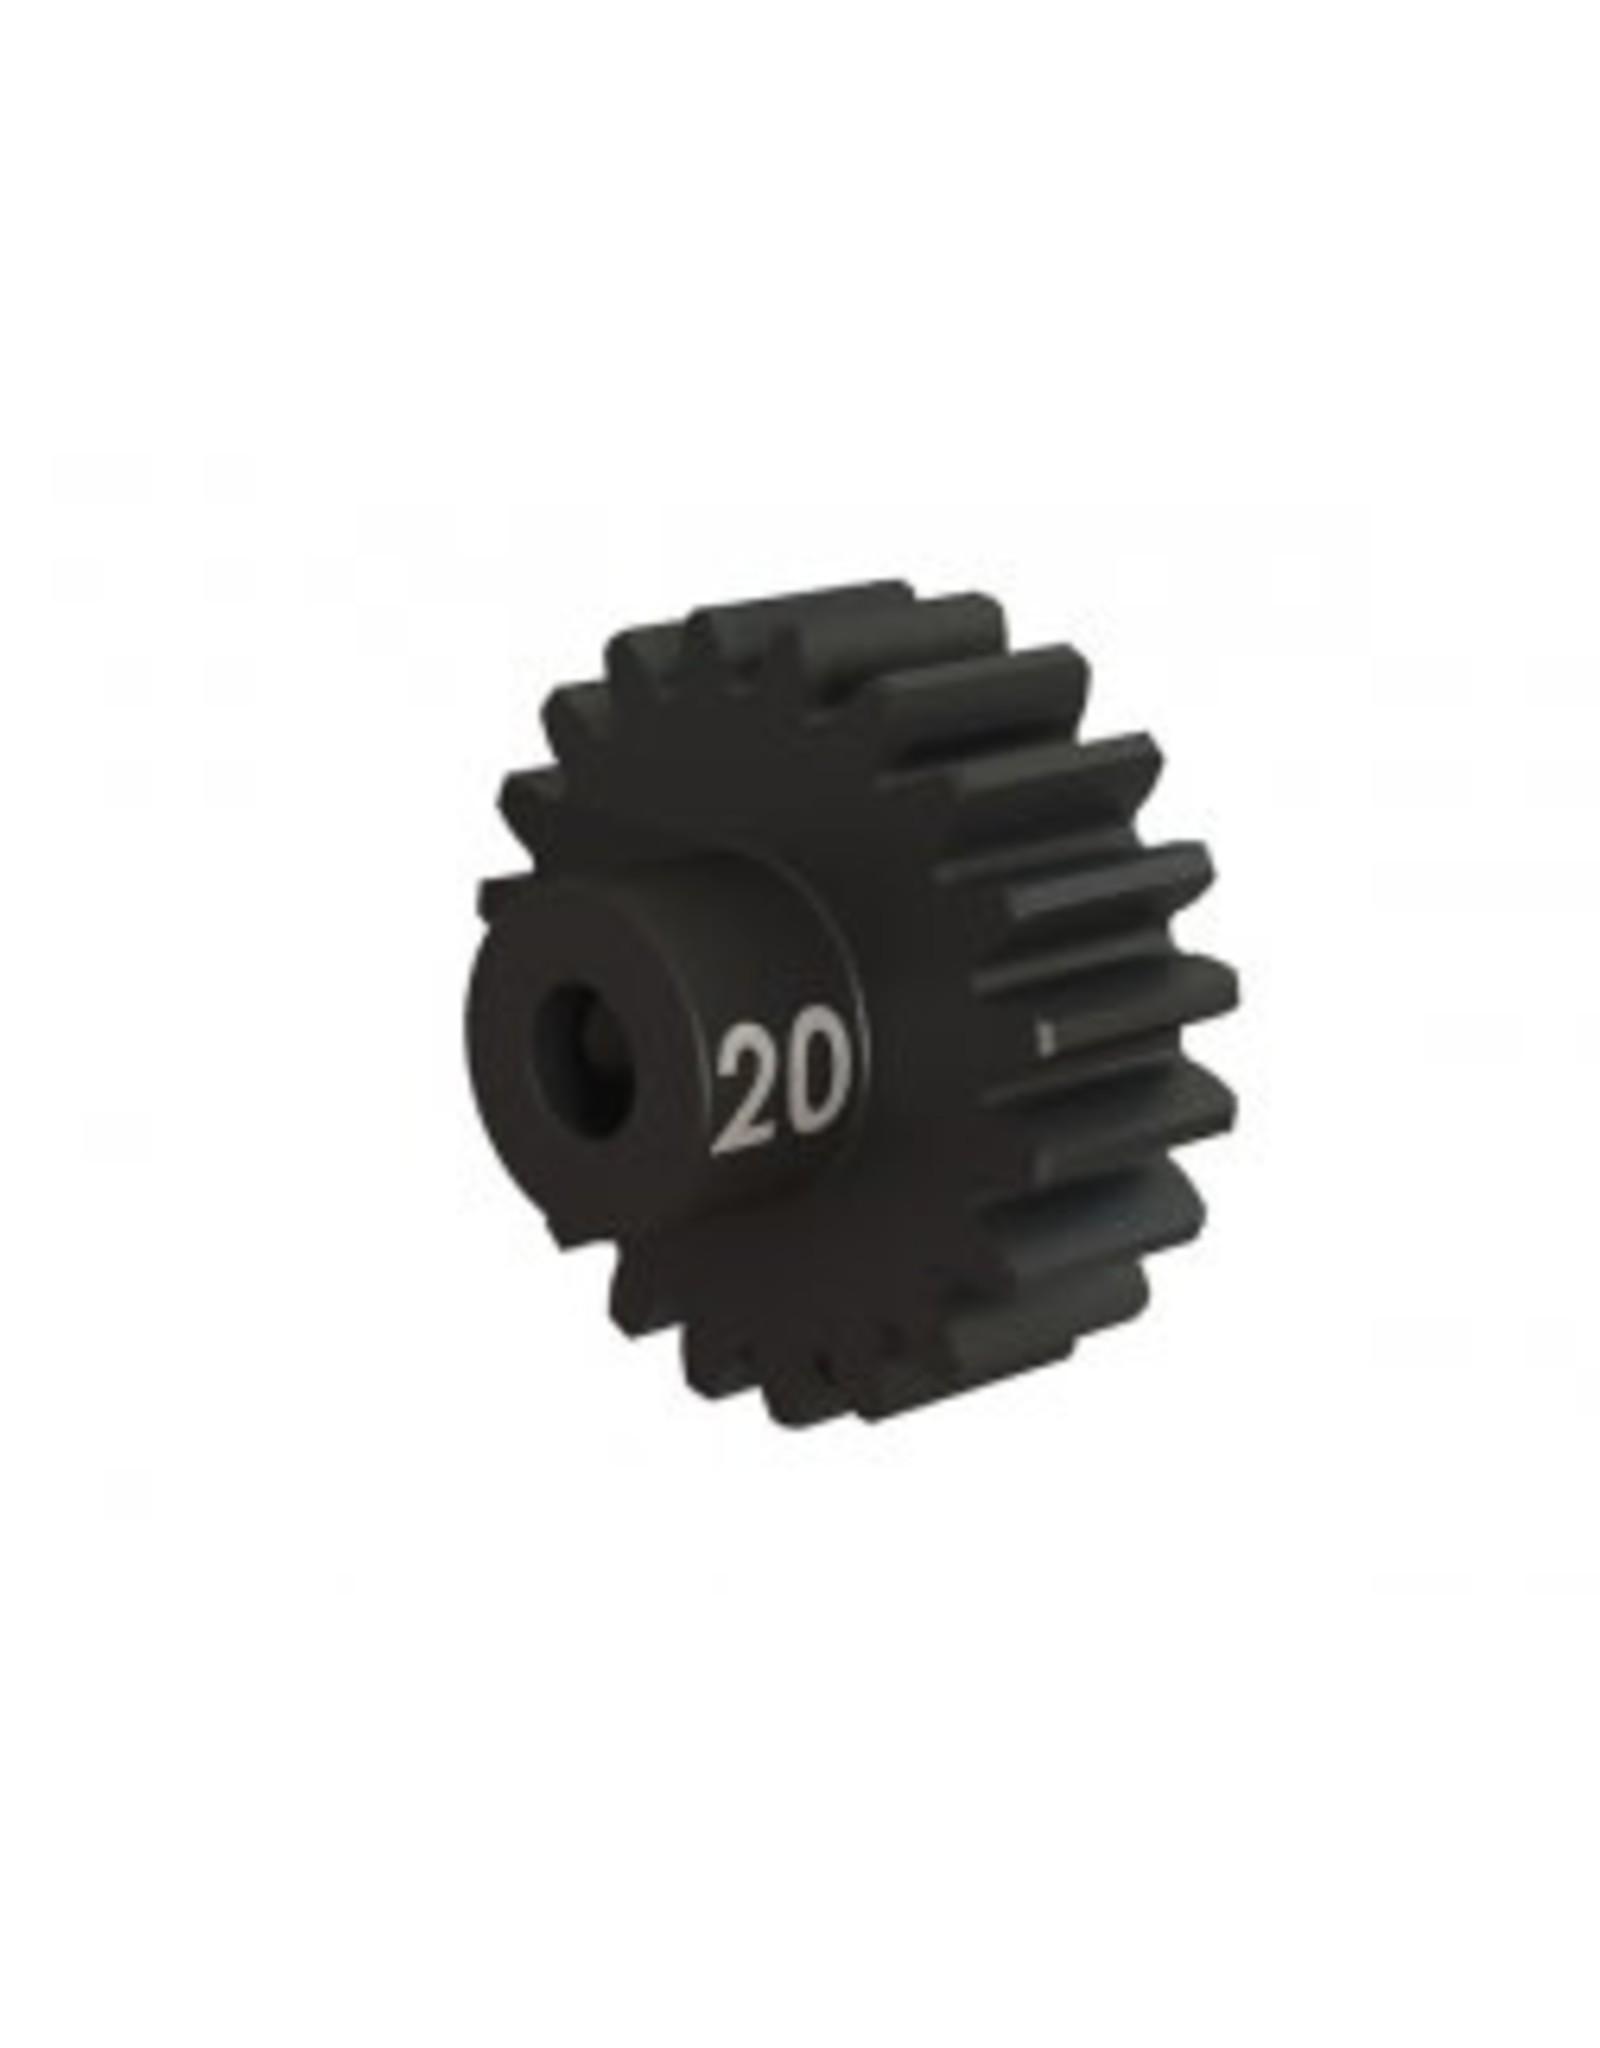 Traxxas Pinion Gear 20-t  32-p HVY Duty 3950x